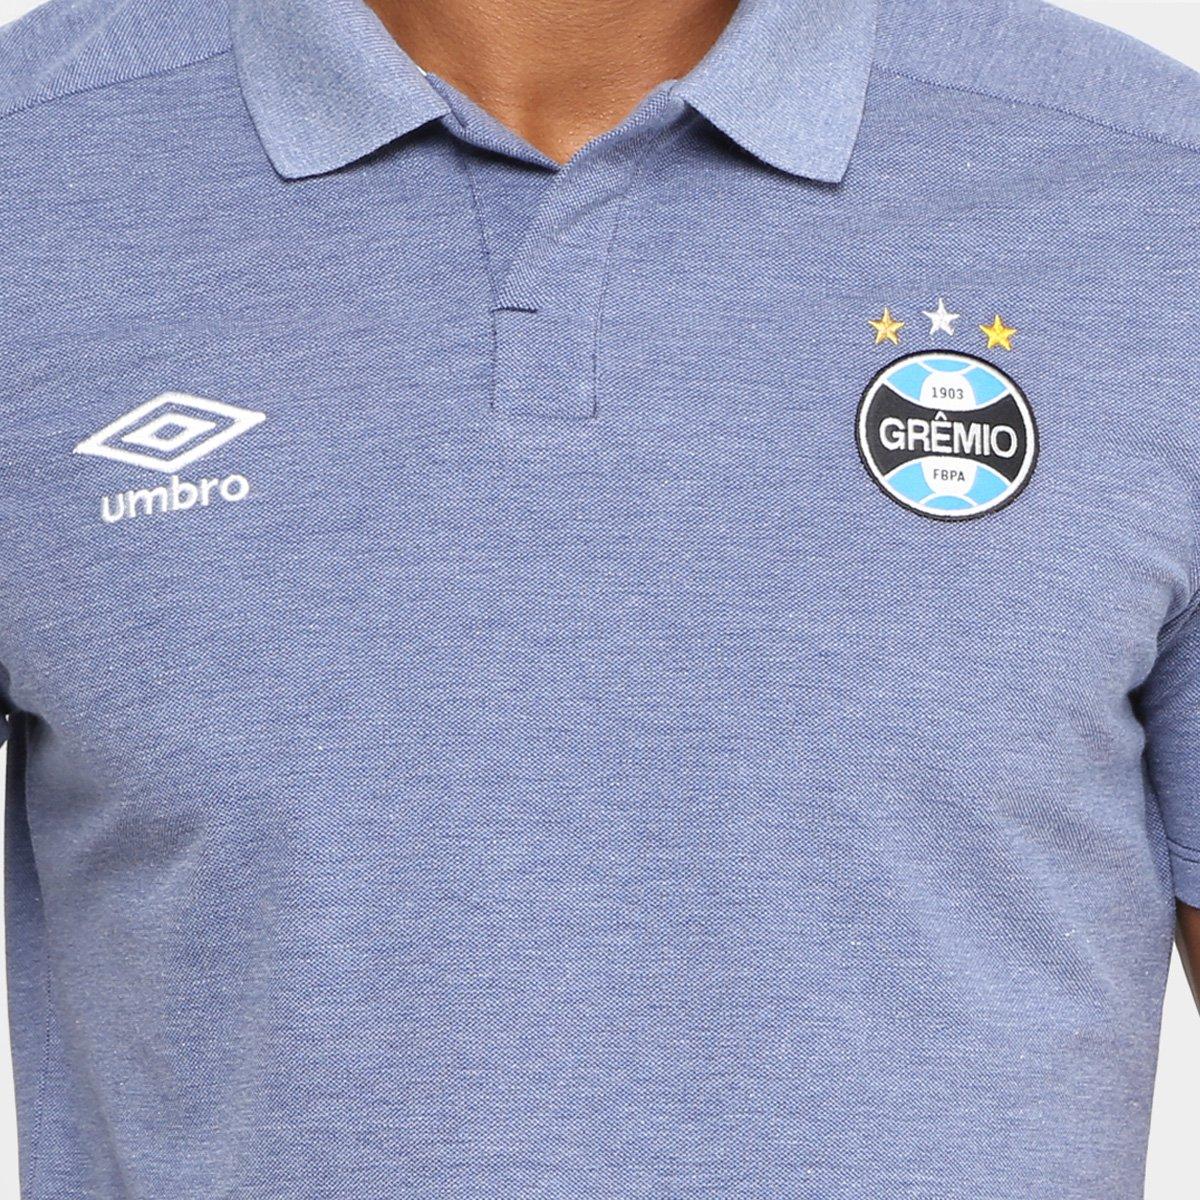 71b64b88d2 Camisa Polo Grêmio Umbro Viagem 18 19 Masculina - Marinho - Compre ...